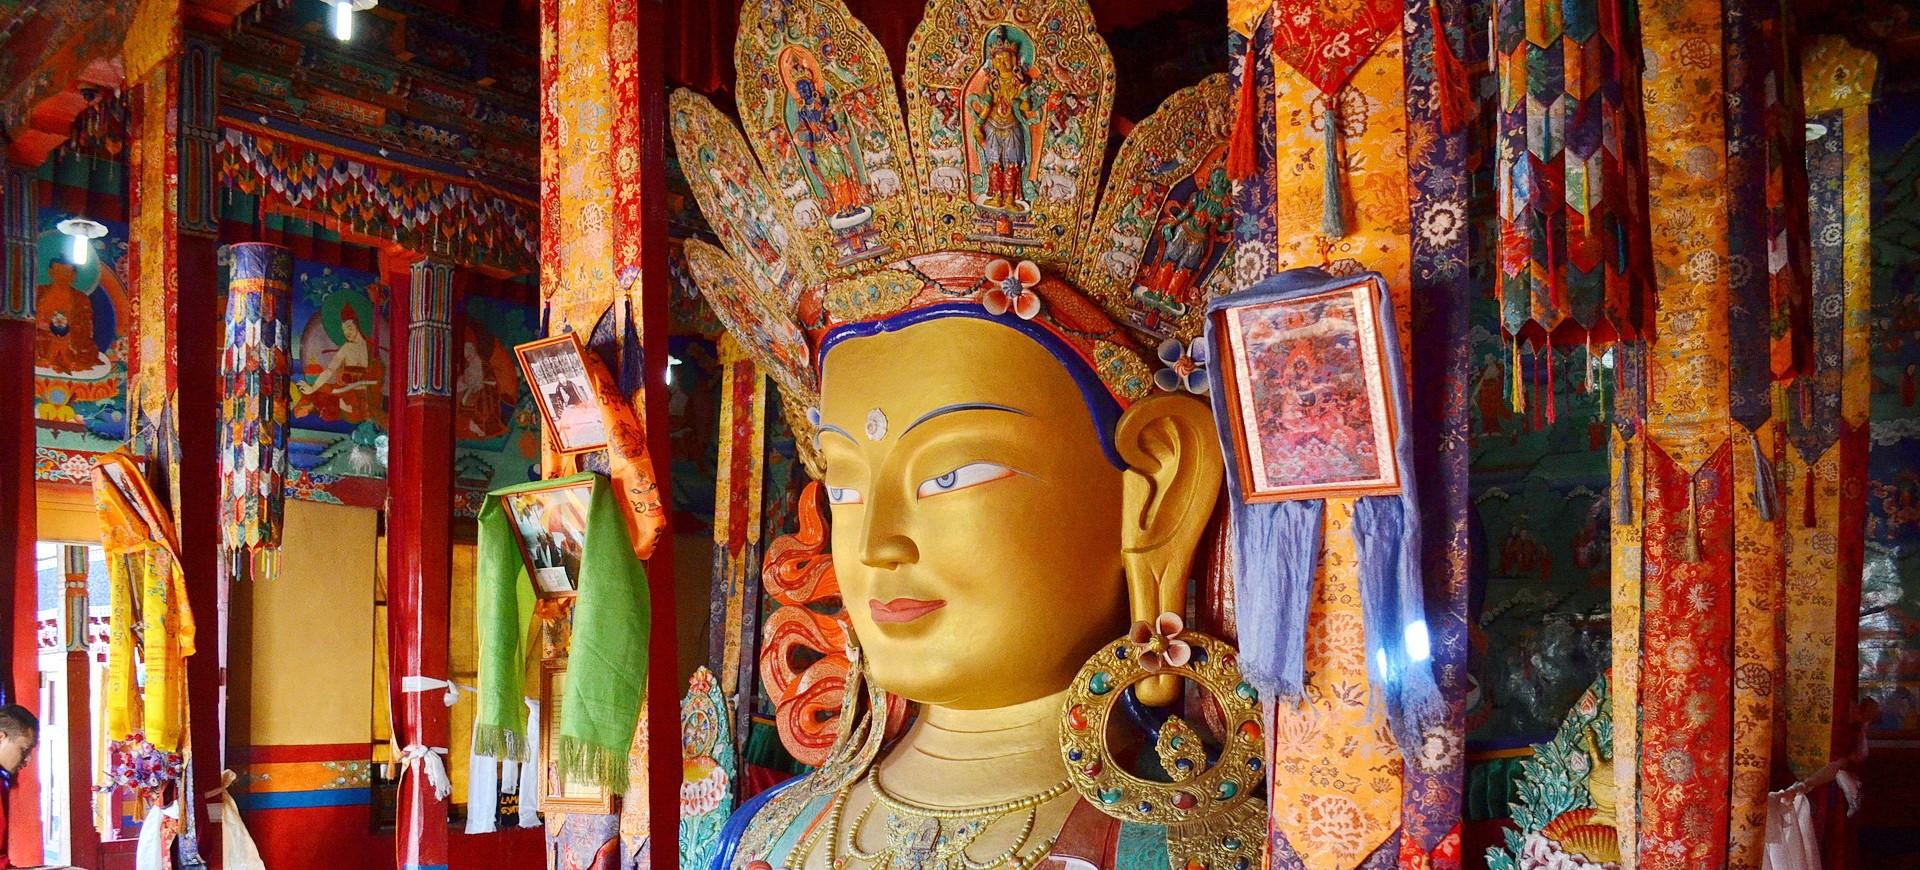 Statue de Bouddah dans le Monastère Bouddhiste à Thiksey à Leh au Ladakh